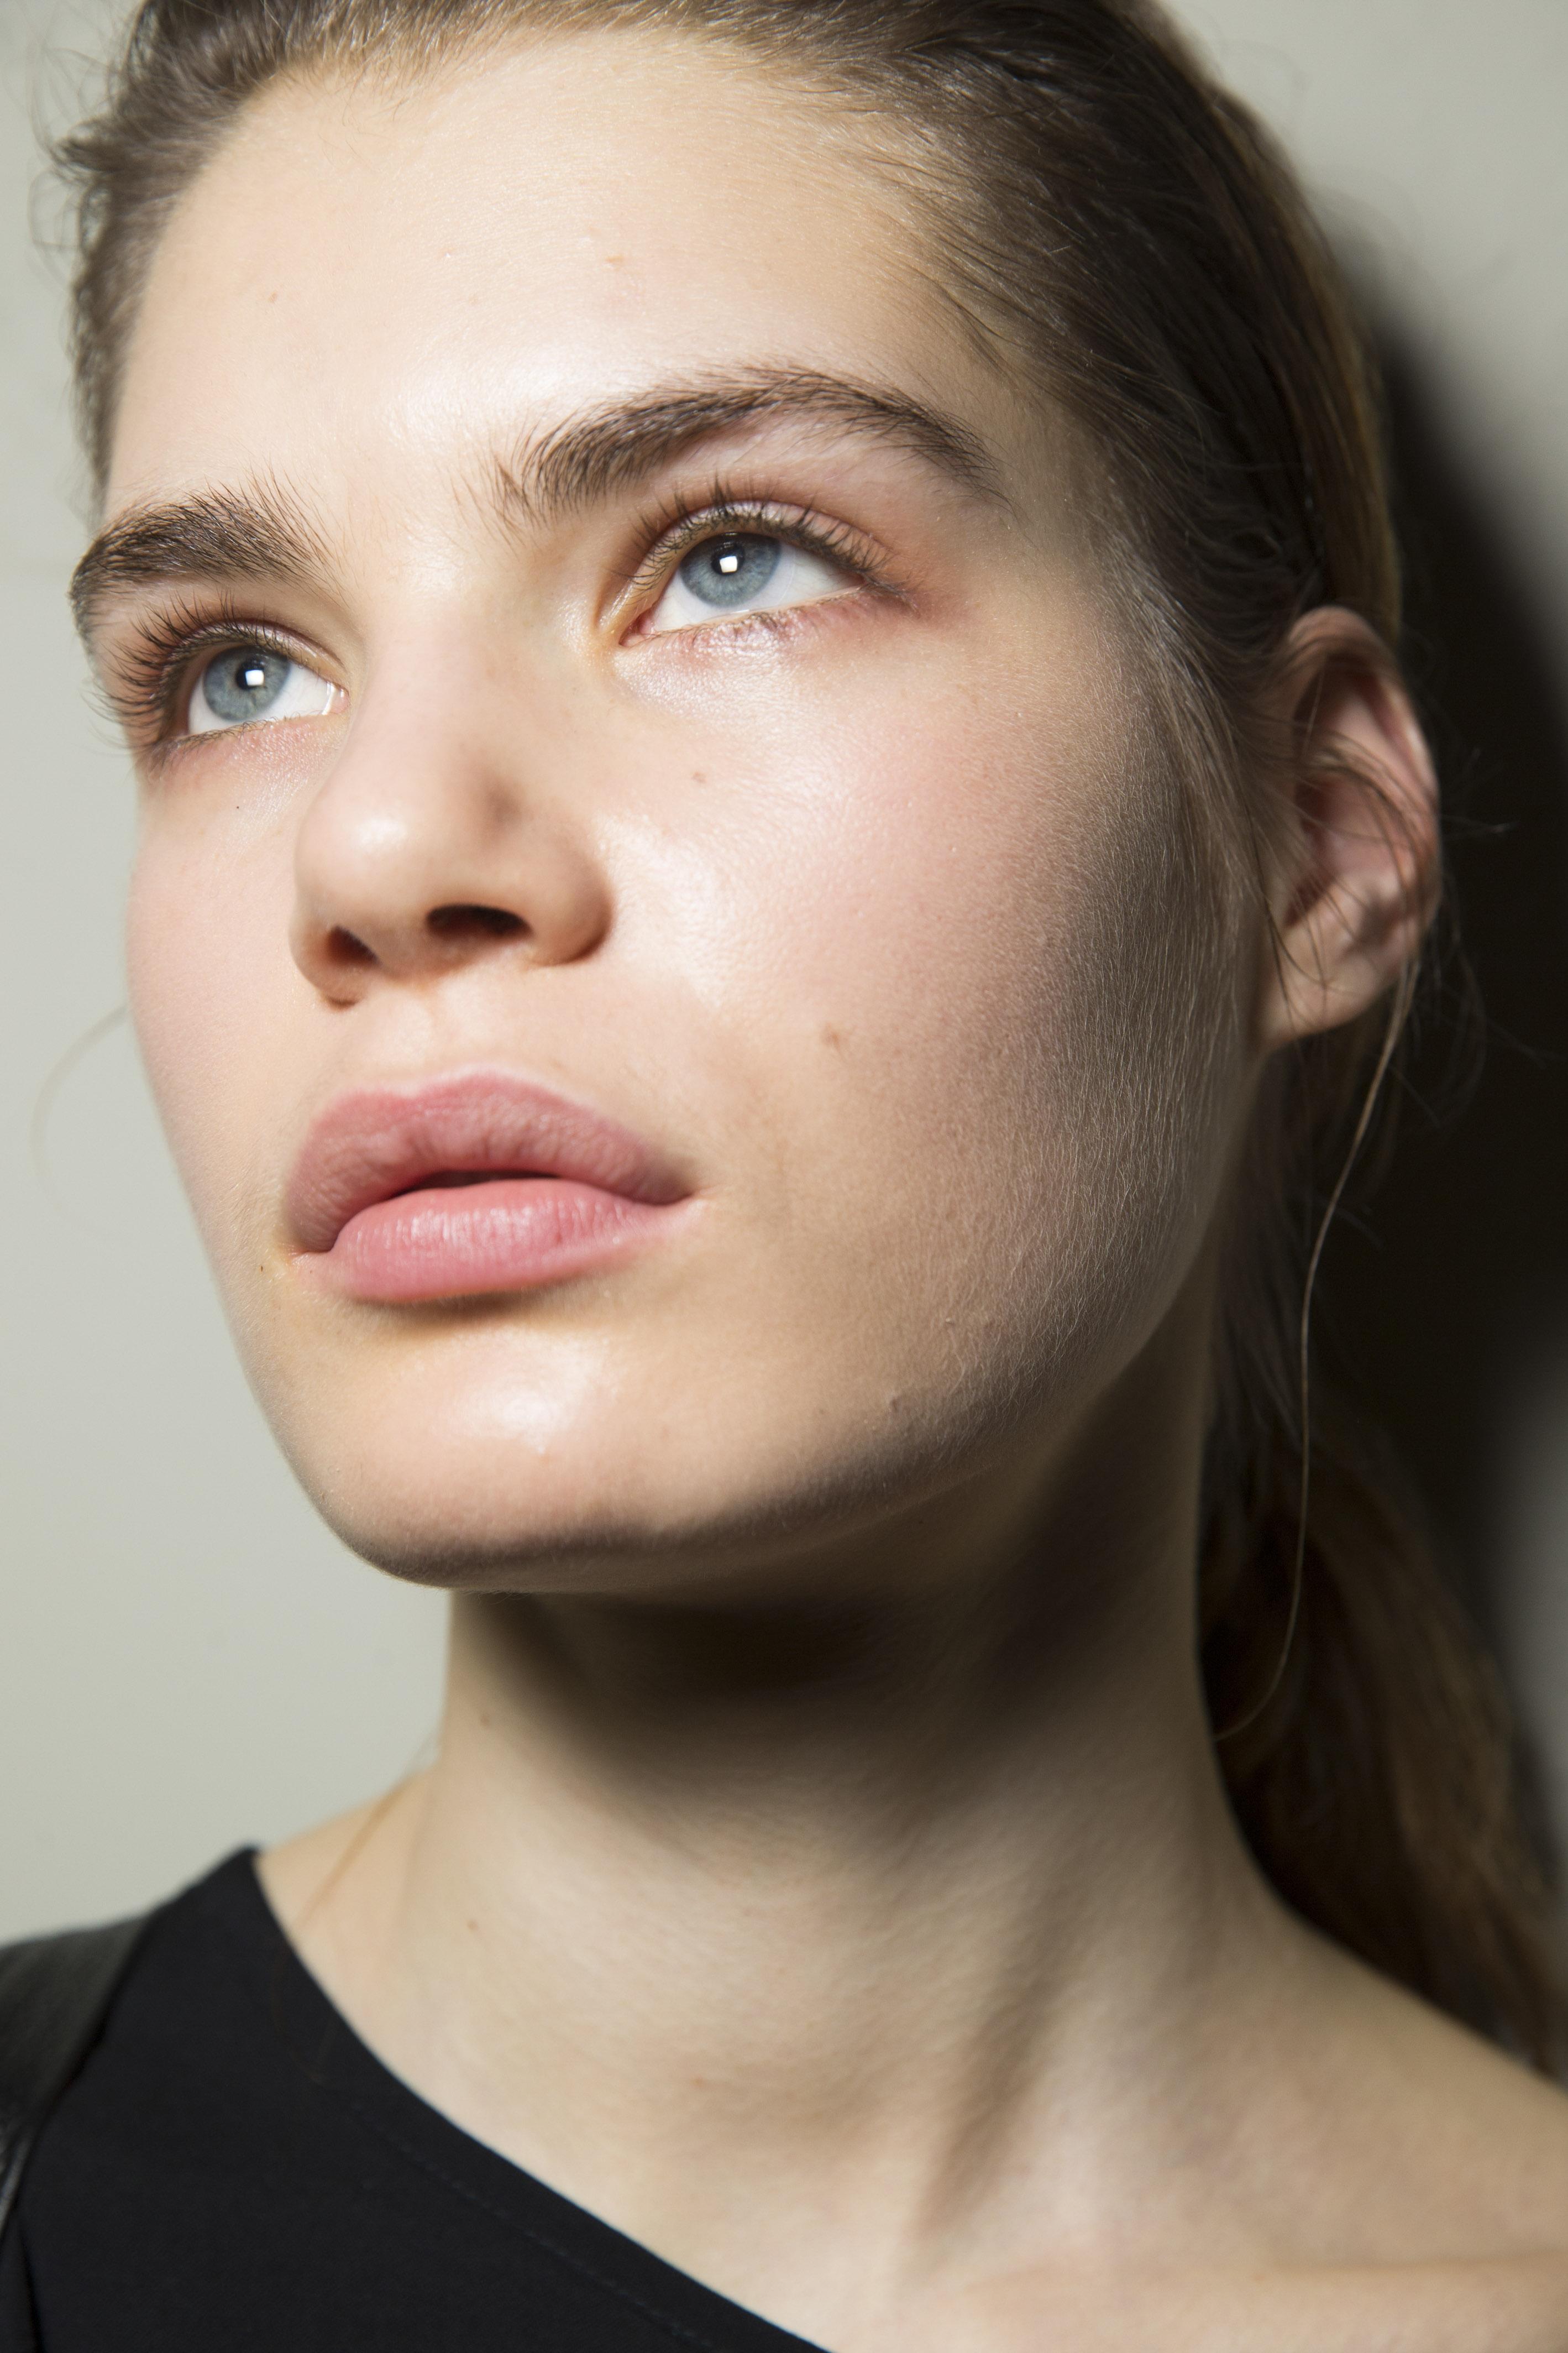 6 motive surprinzătoare pentru care ți se usucă buzele